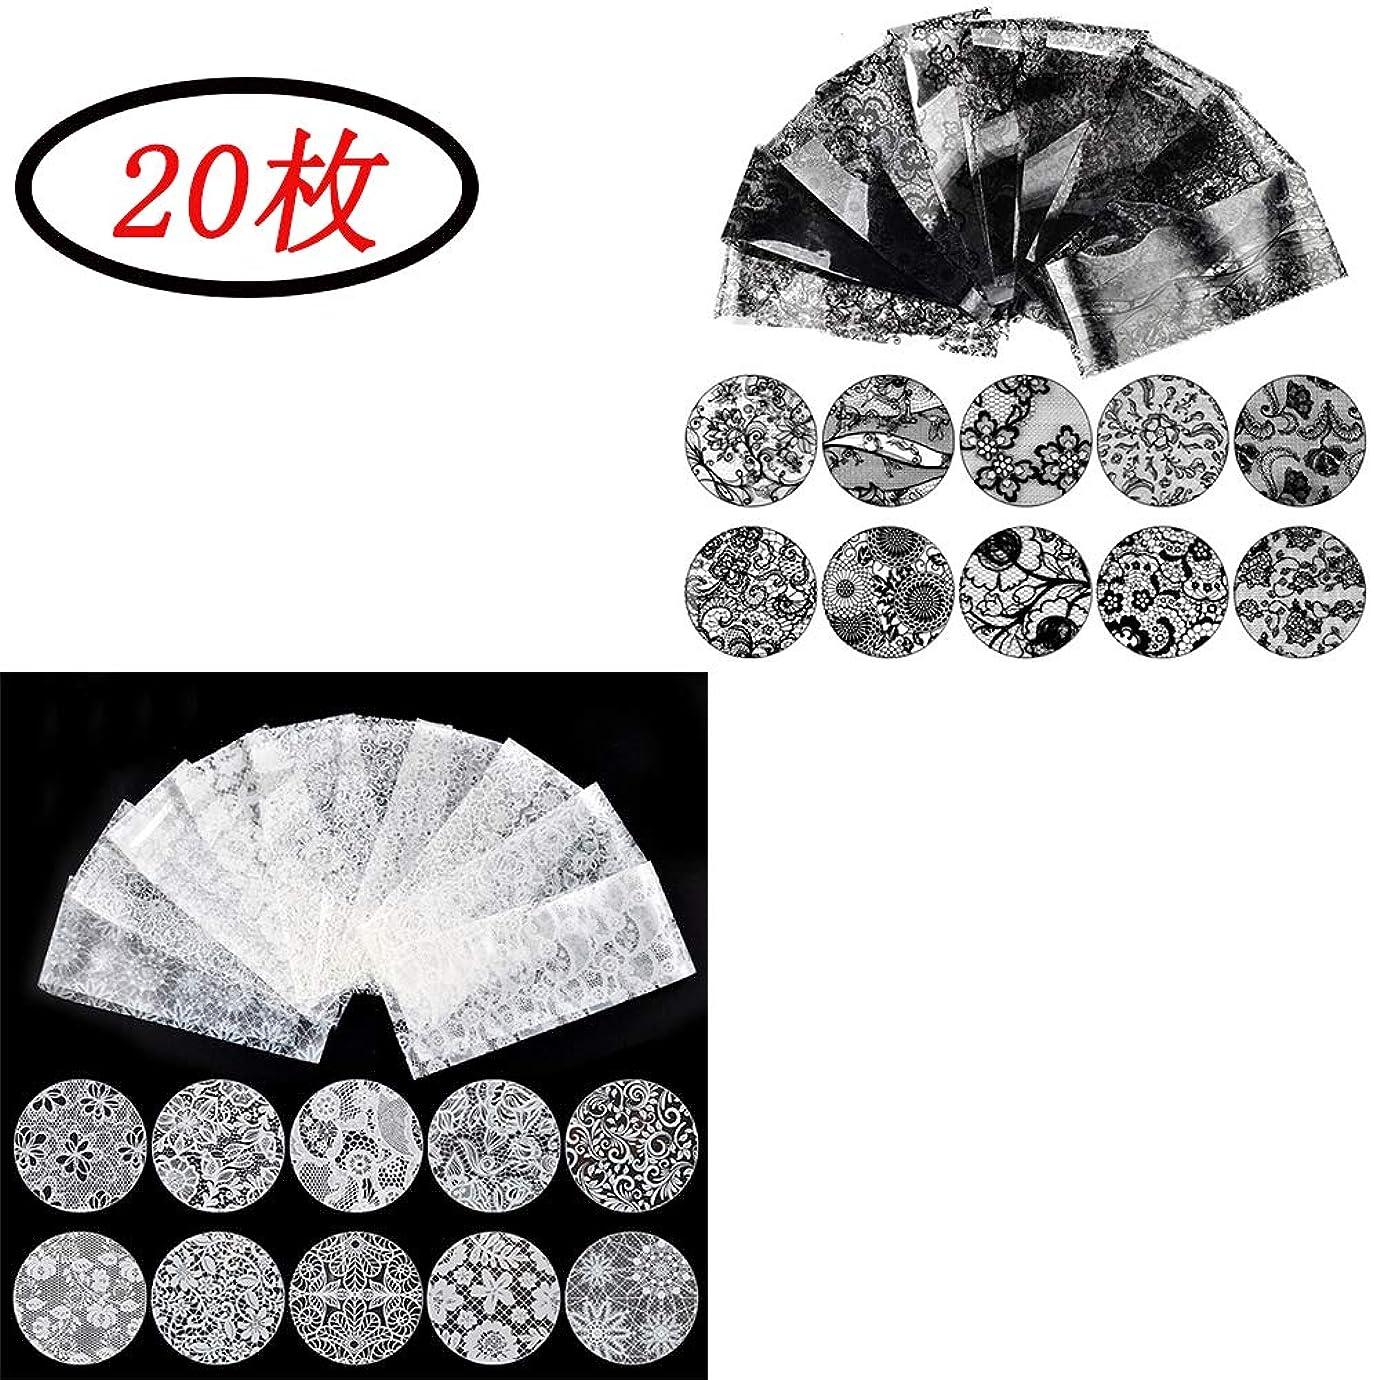 ネイルホイル ネイルステッカー ネイル転印シール ネイルツール ネイル用品道具 ホワイトレース(10枚)+ブラックレース(10枚) 20枚/セット